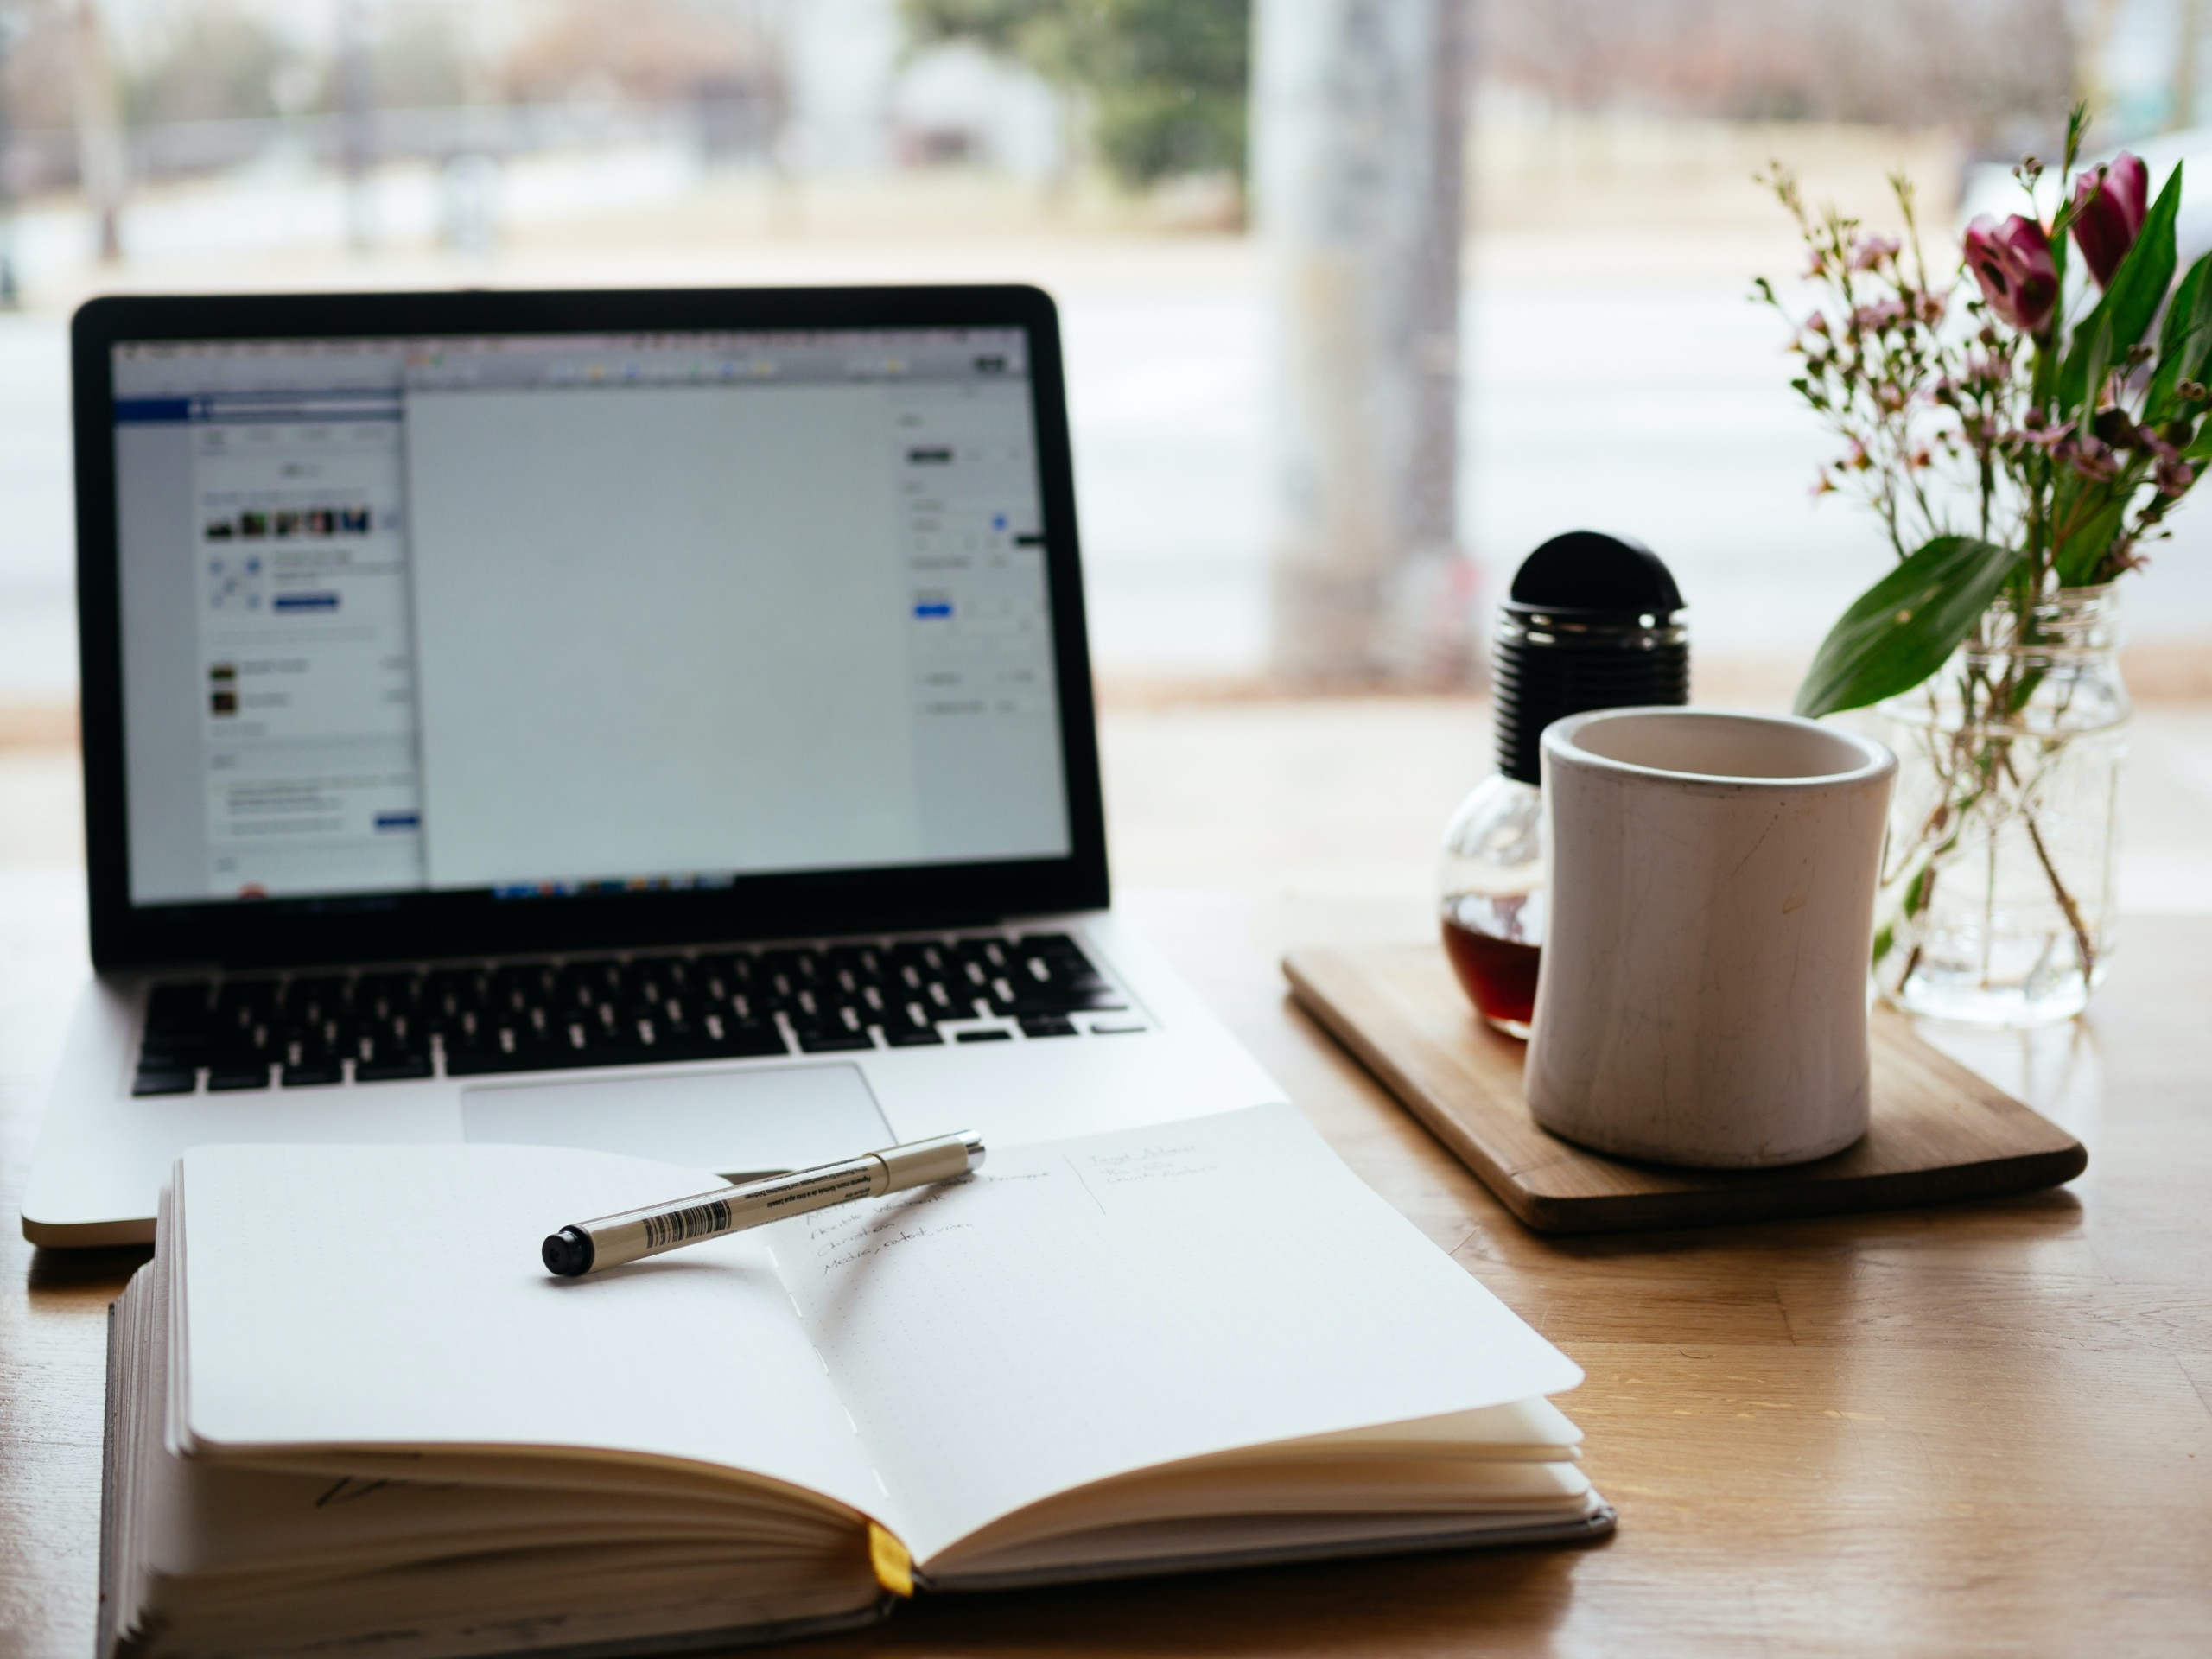 Pirmsskolu darbinieki aicināti piedalīties tiešsaistes nodarbībās